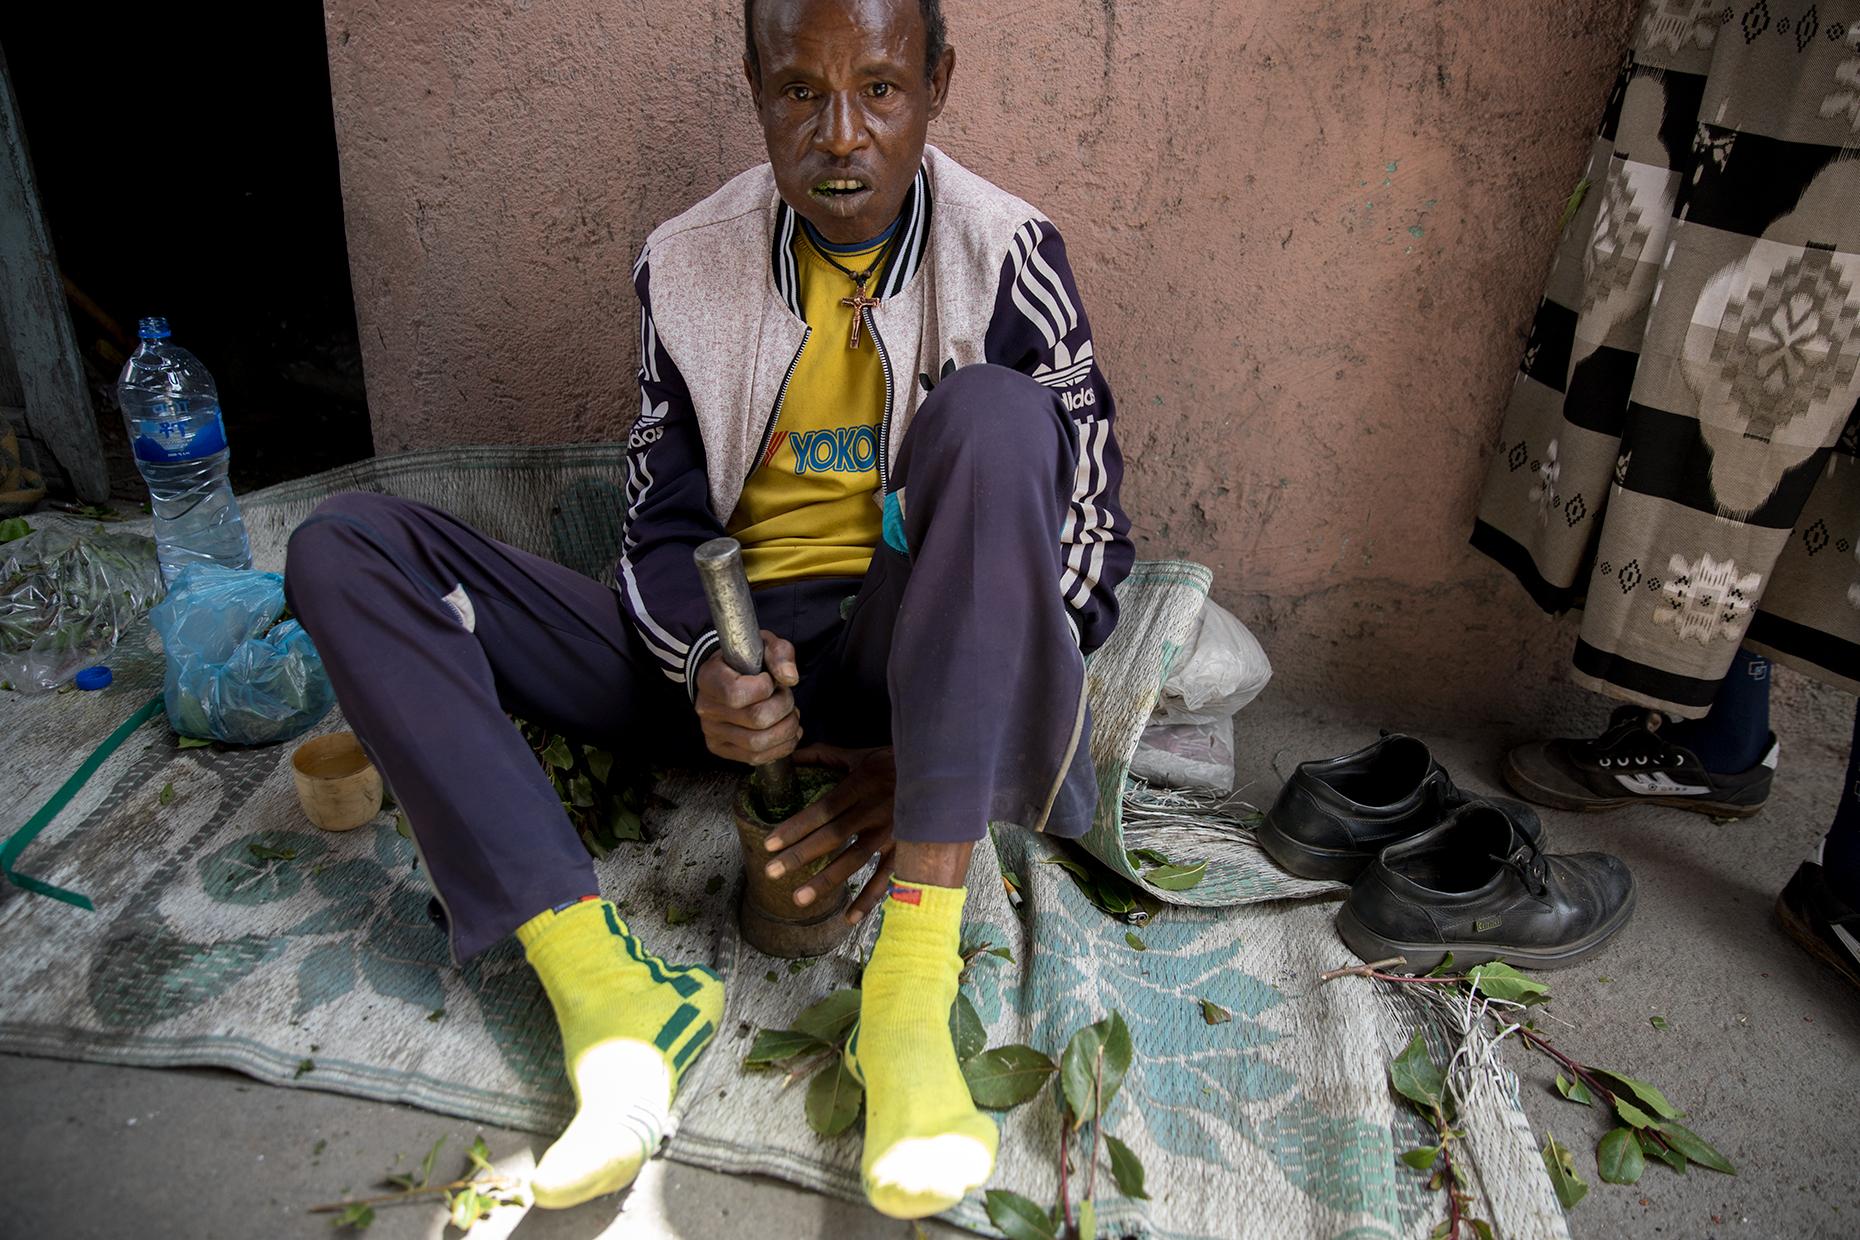 khat ethiopia harar paste consumer